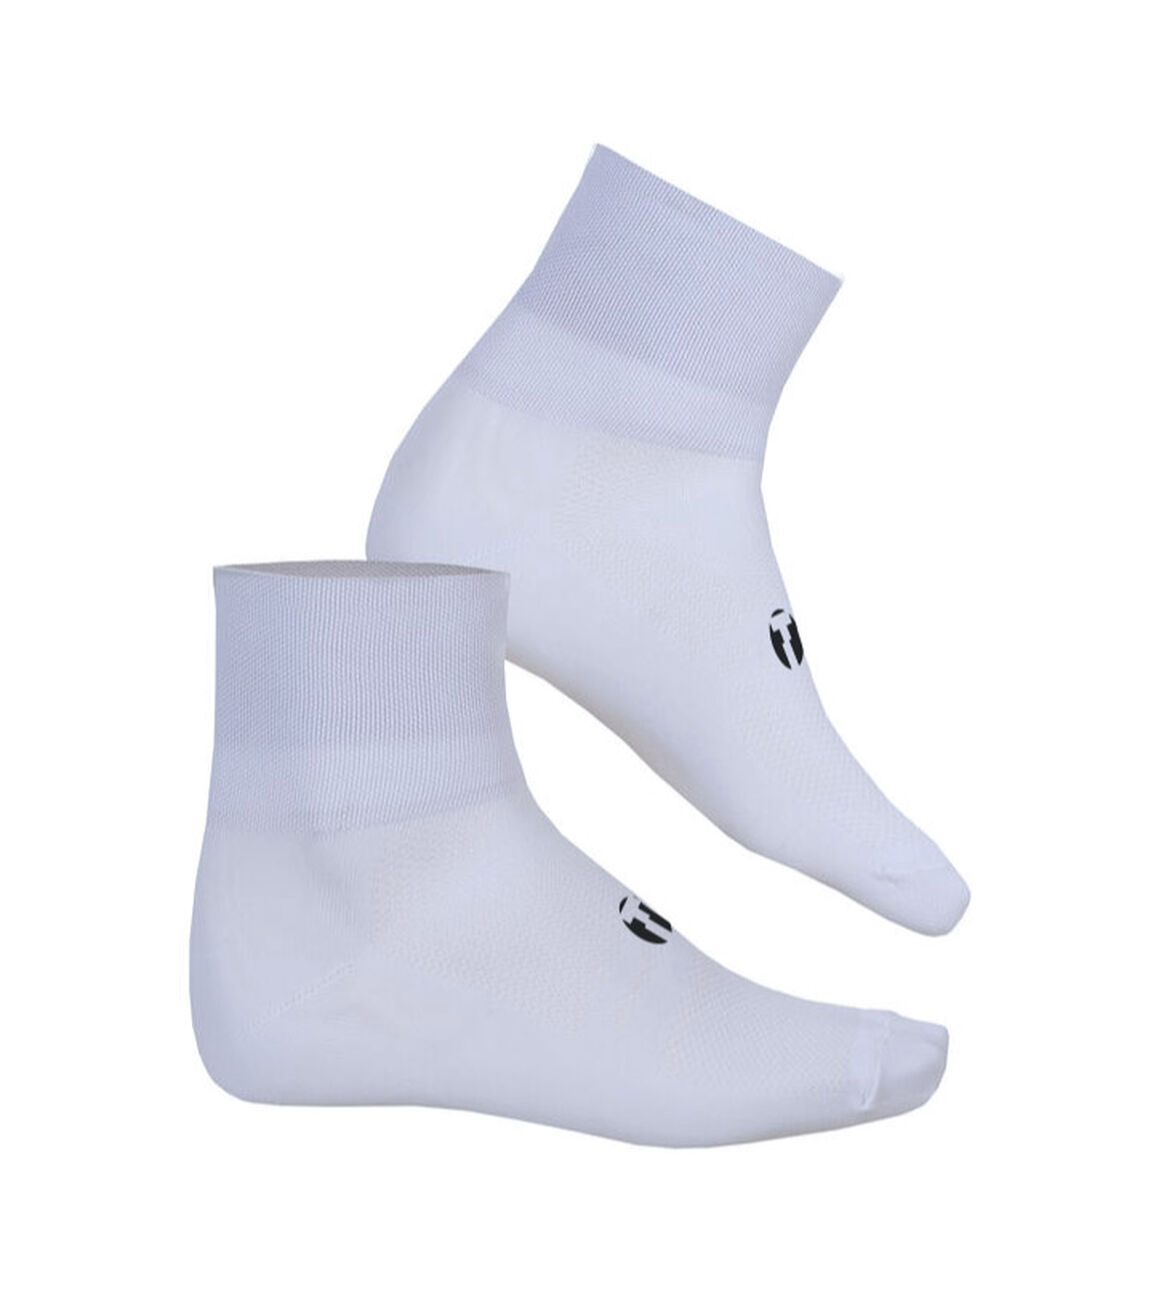 Elite meryl sokker